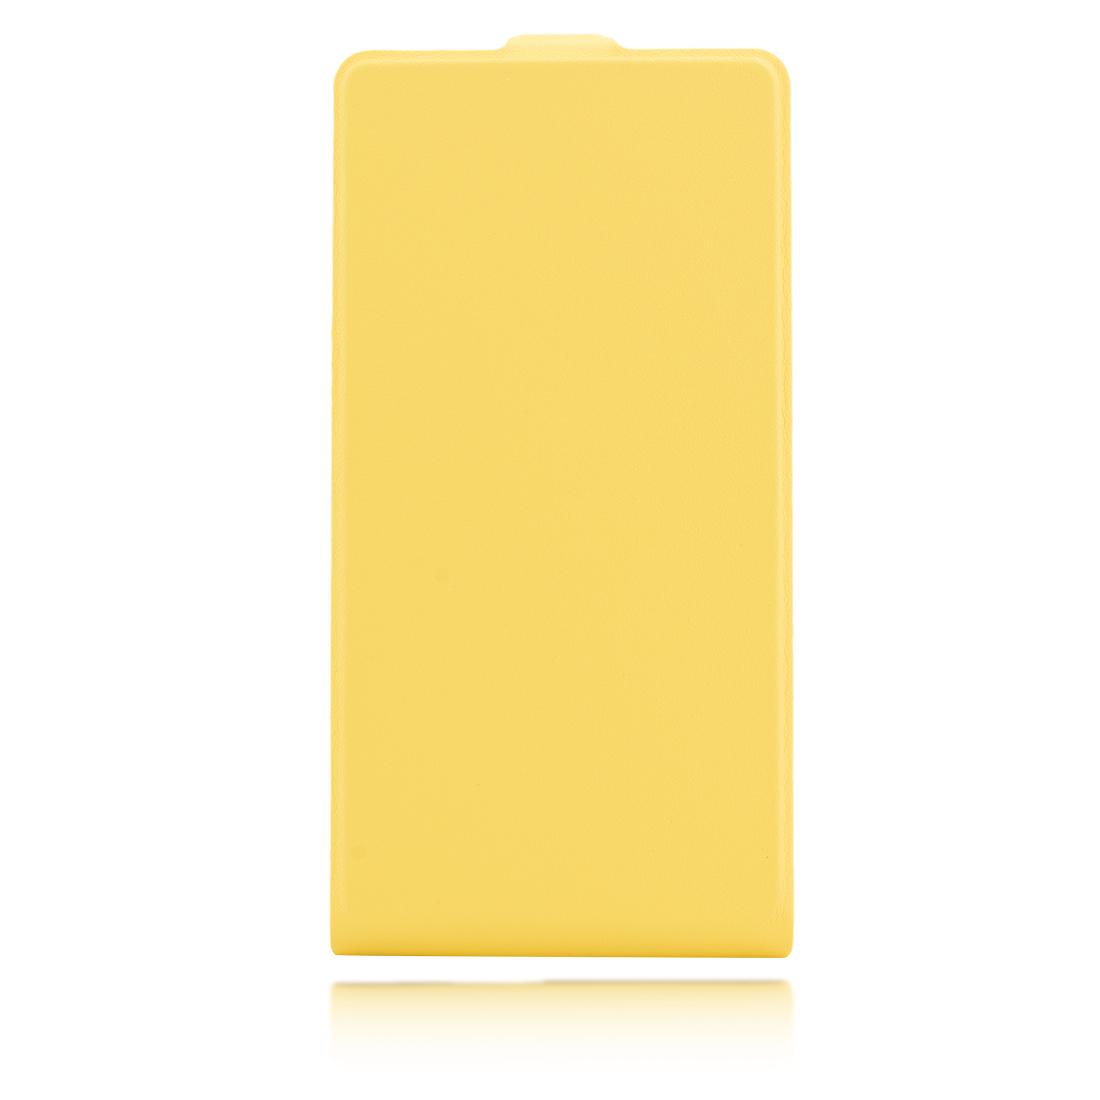 Флиппер жёлтый для Xperia Z5 Compact купить в Sony Centre Воронеж